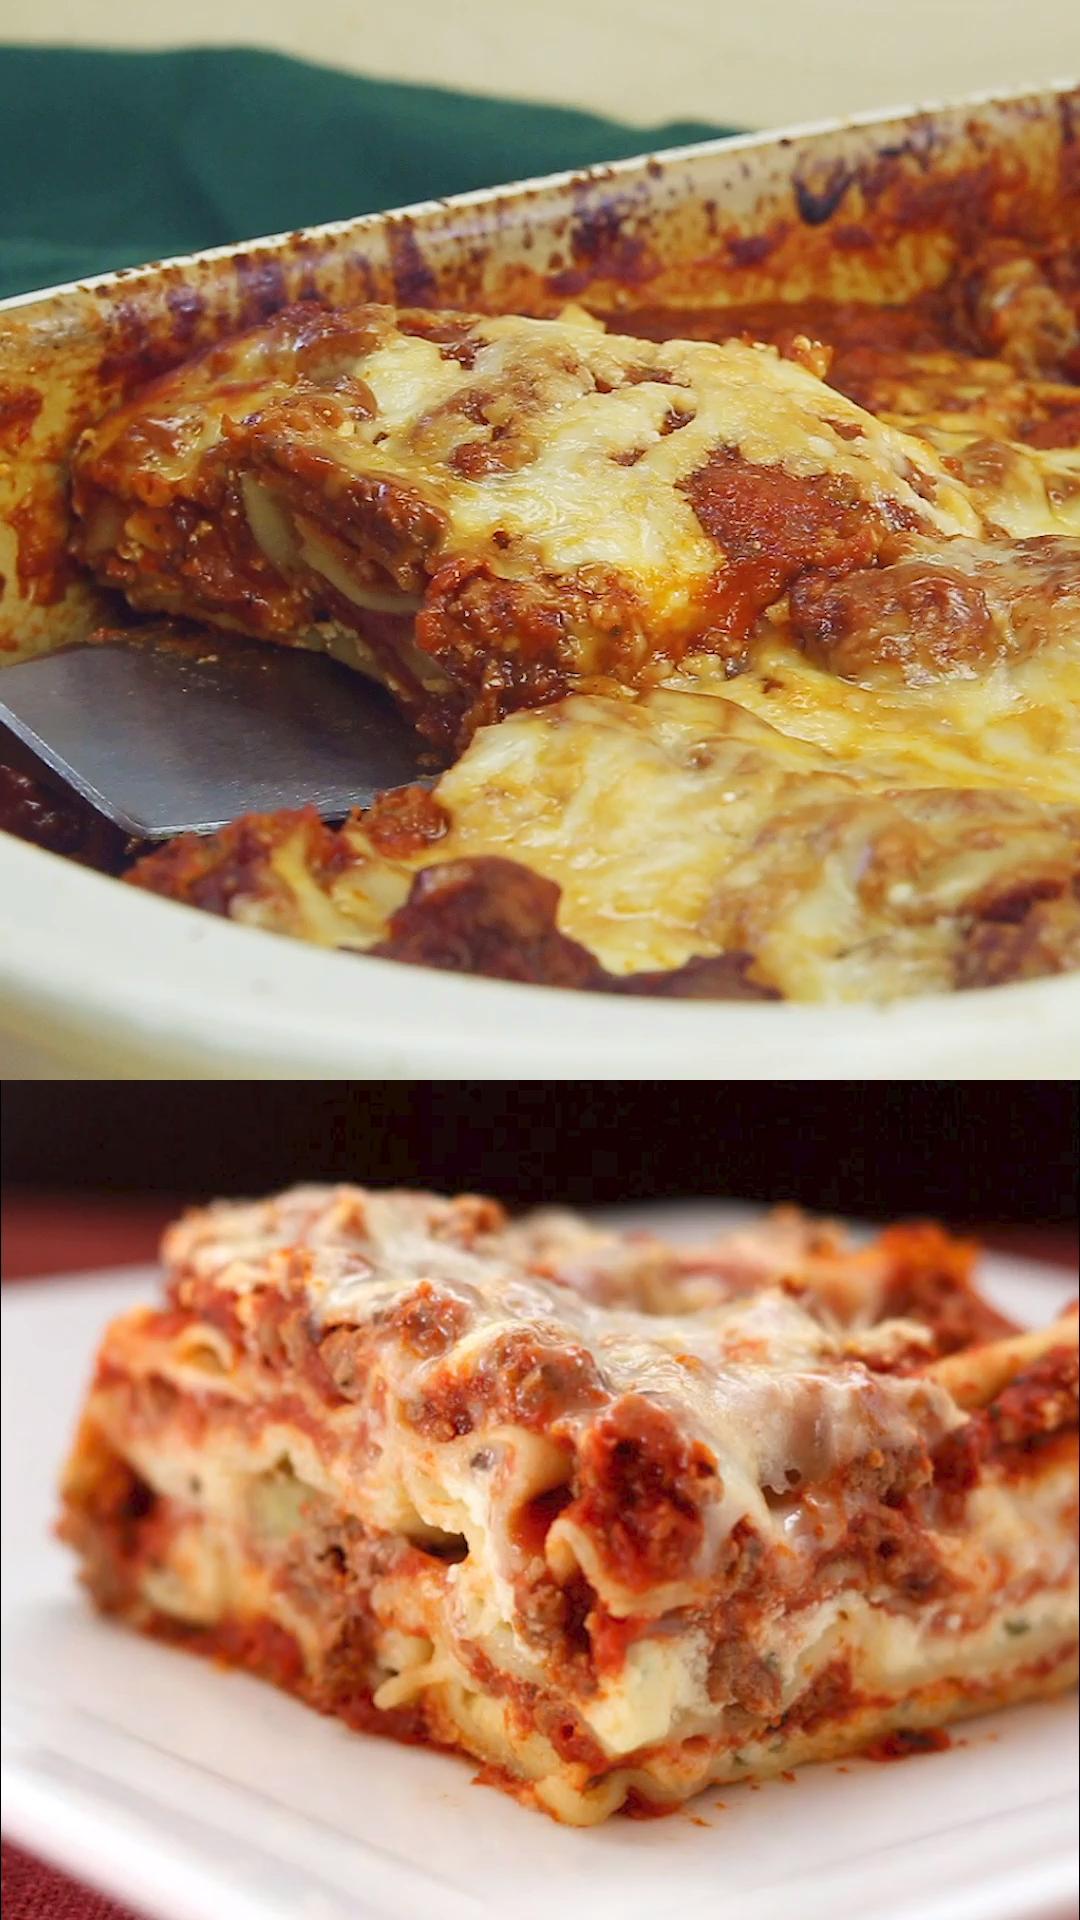 World's Best Lasagna images